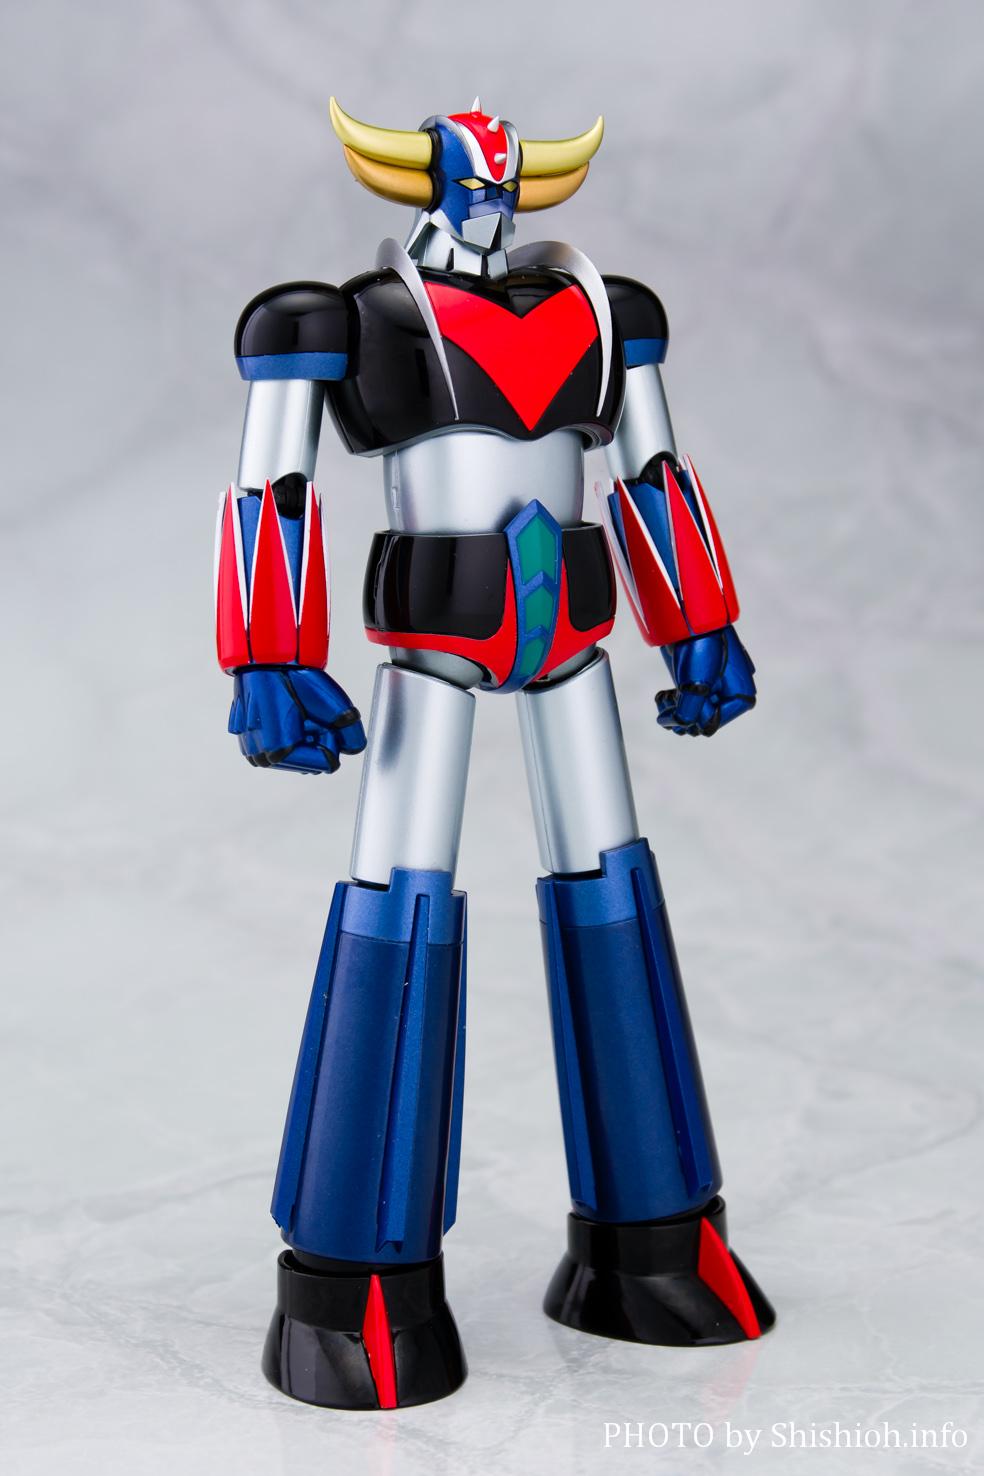 超合金魂 GX-76 グレンダイザー D.C.